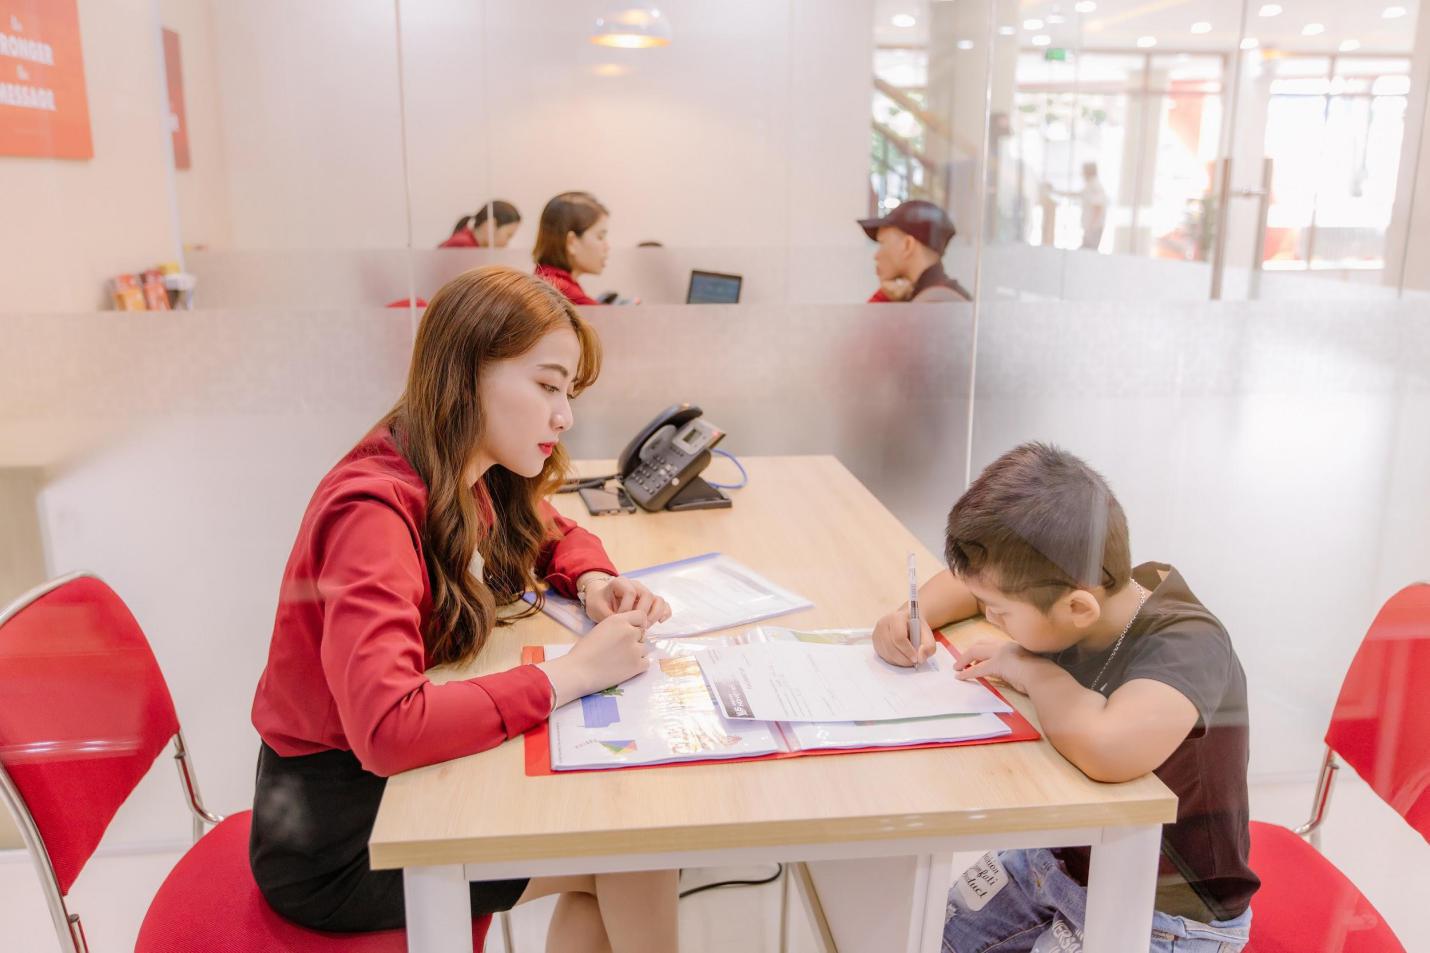 Học viên trải nghiệm lớp học tại cơ sở mới Vus Tên Lửa - Ảnh 4.